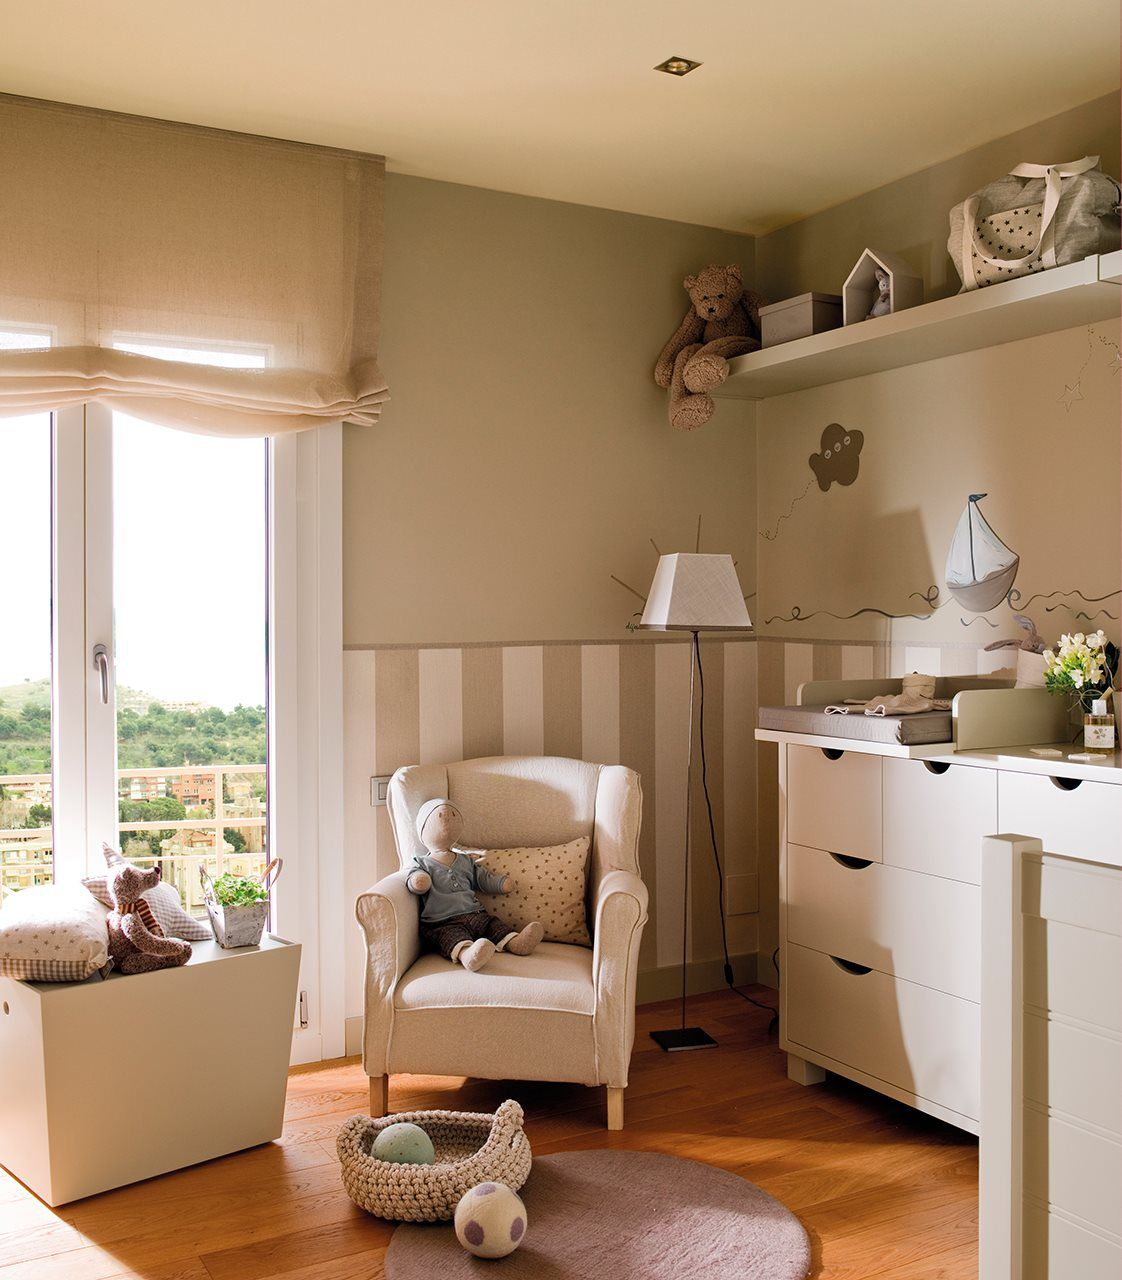 10 ideas para pintar la habitaci n de los ni os elmueble - Pintar habitacion bebe nina ...